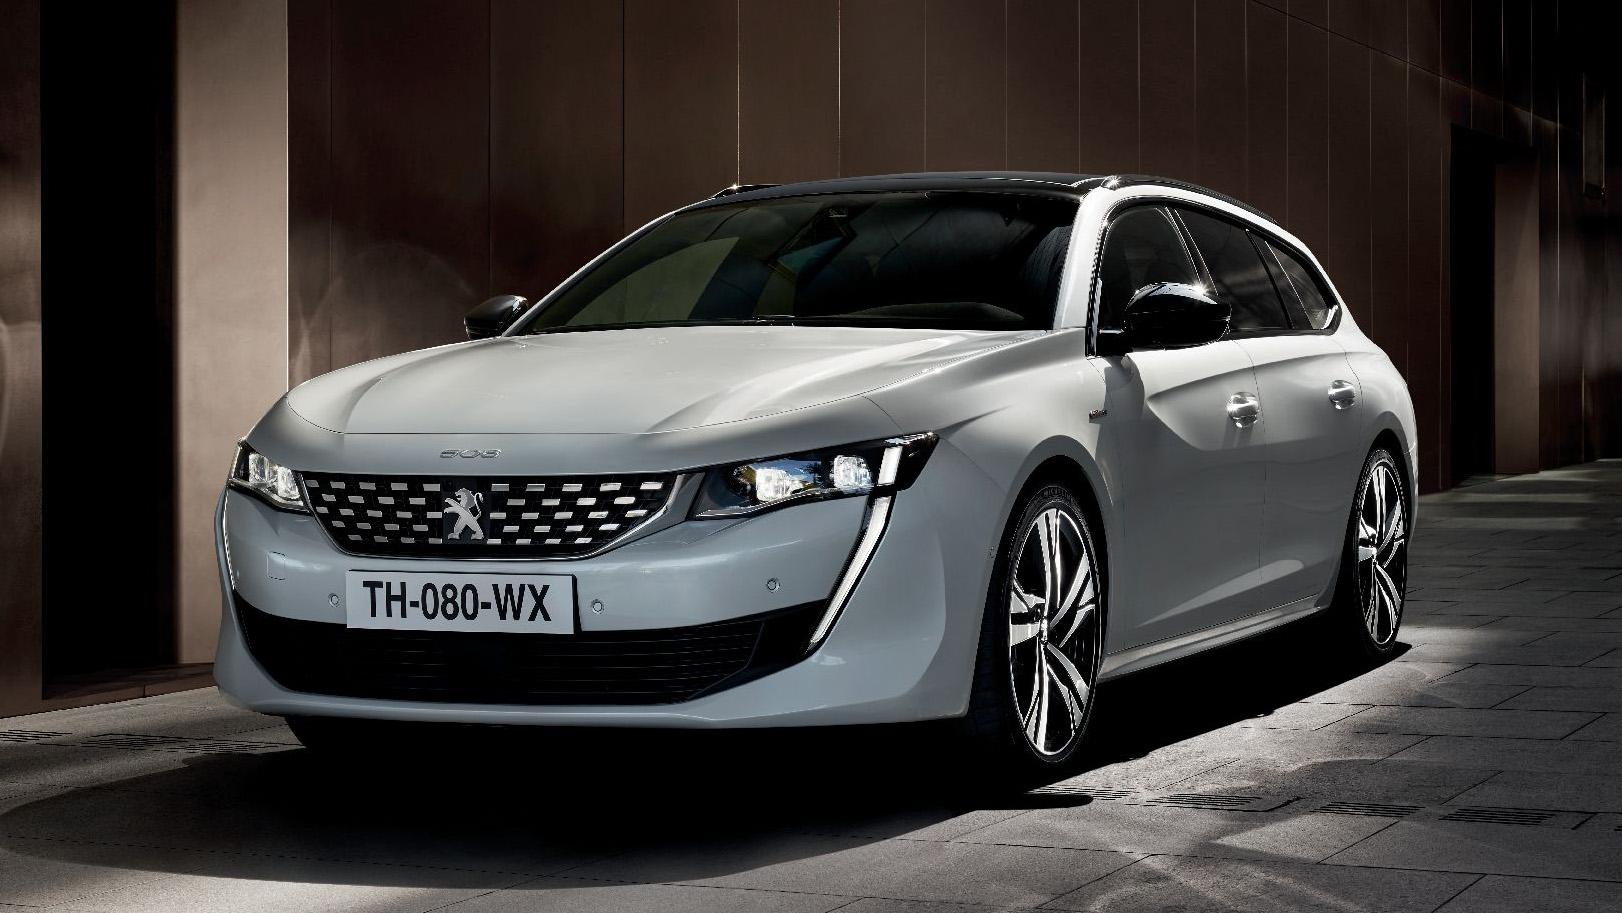 不只美、配備也豐富!Peugeot 508 SW 預售 168.9 萬起 限時送 B&O 音響